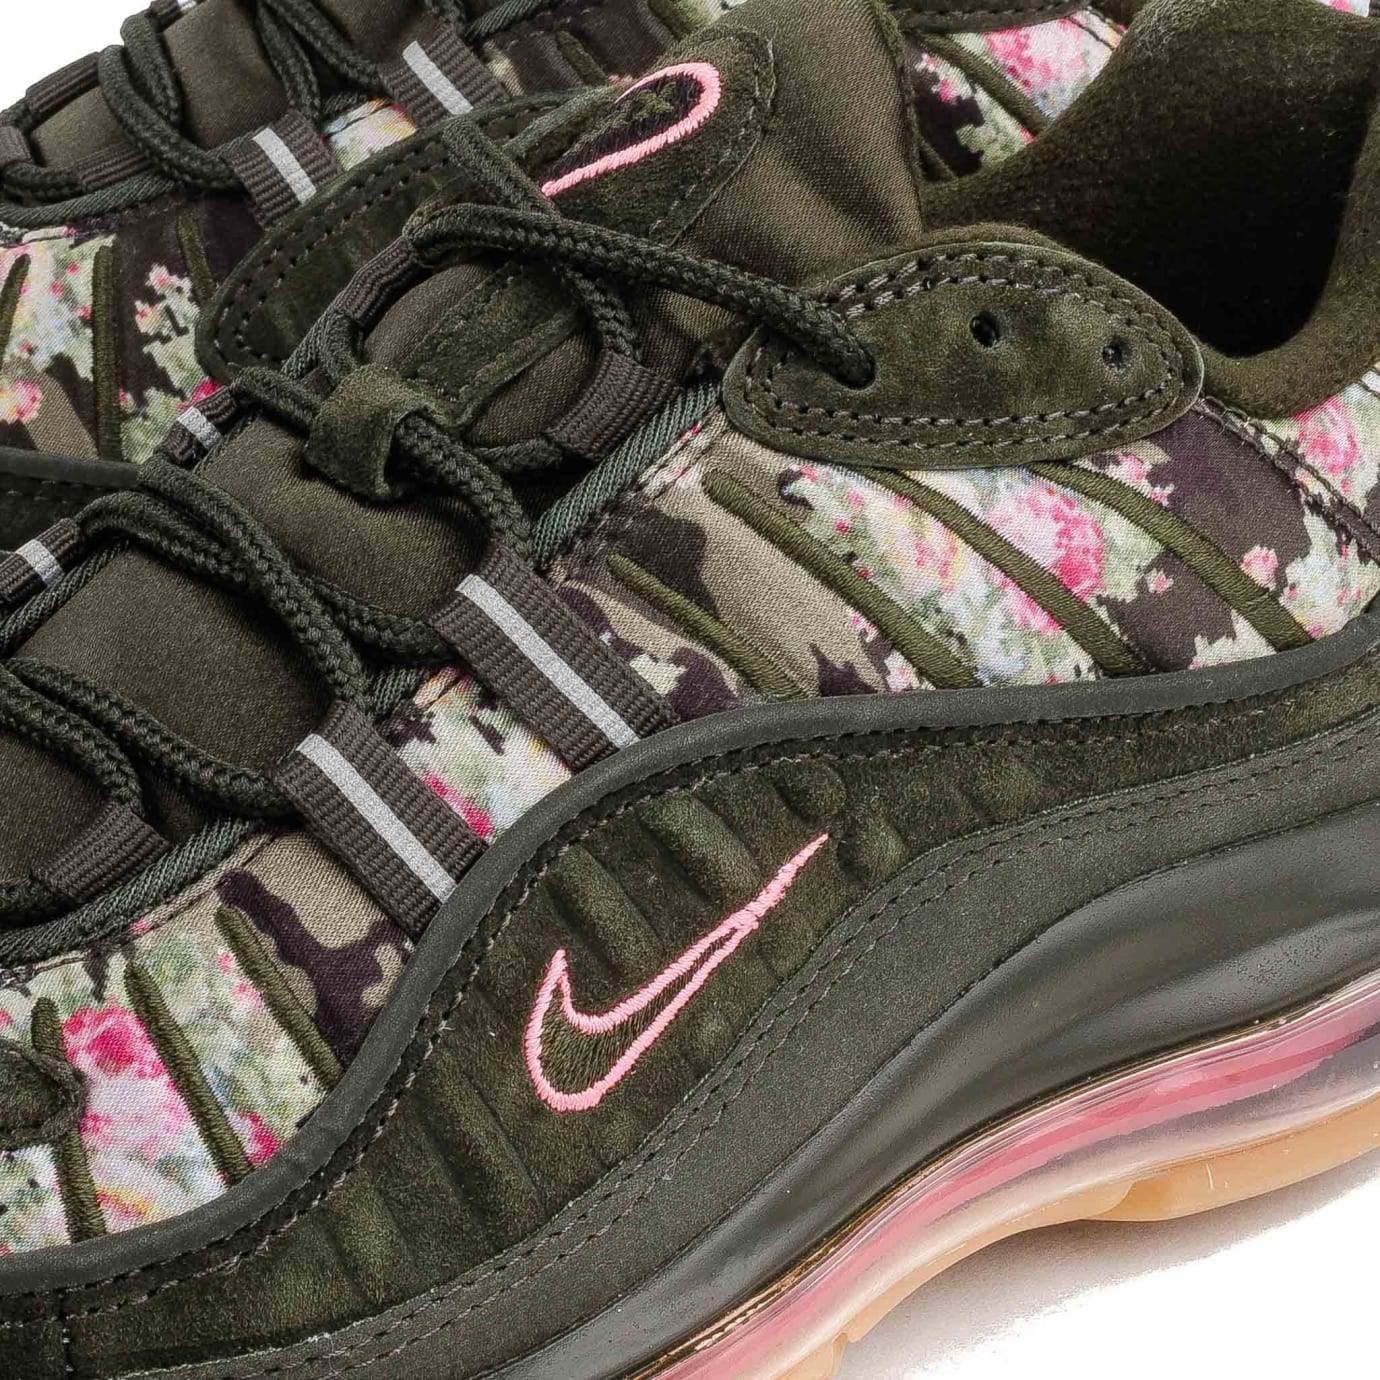 WMNS Nike Air Max 98 'Sequoia' AQ6488-300 (Detail)